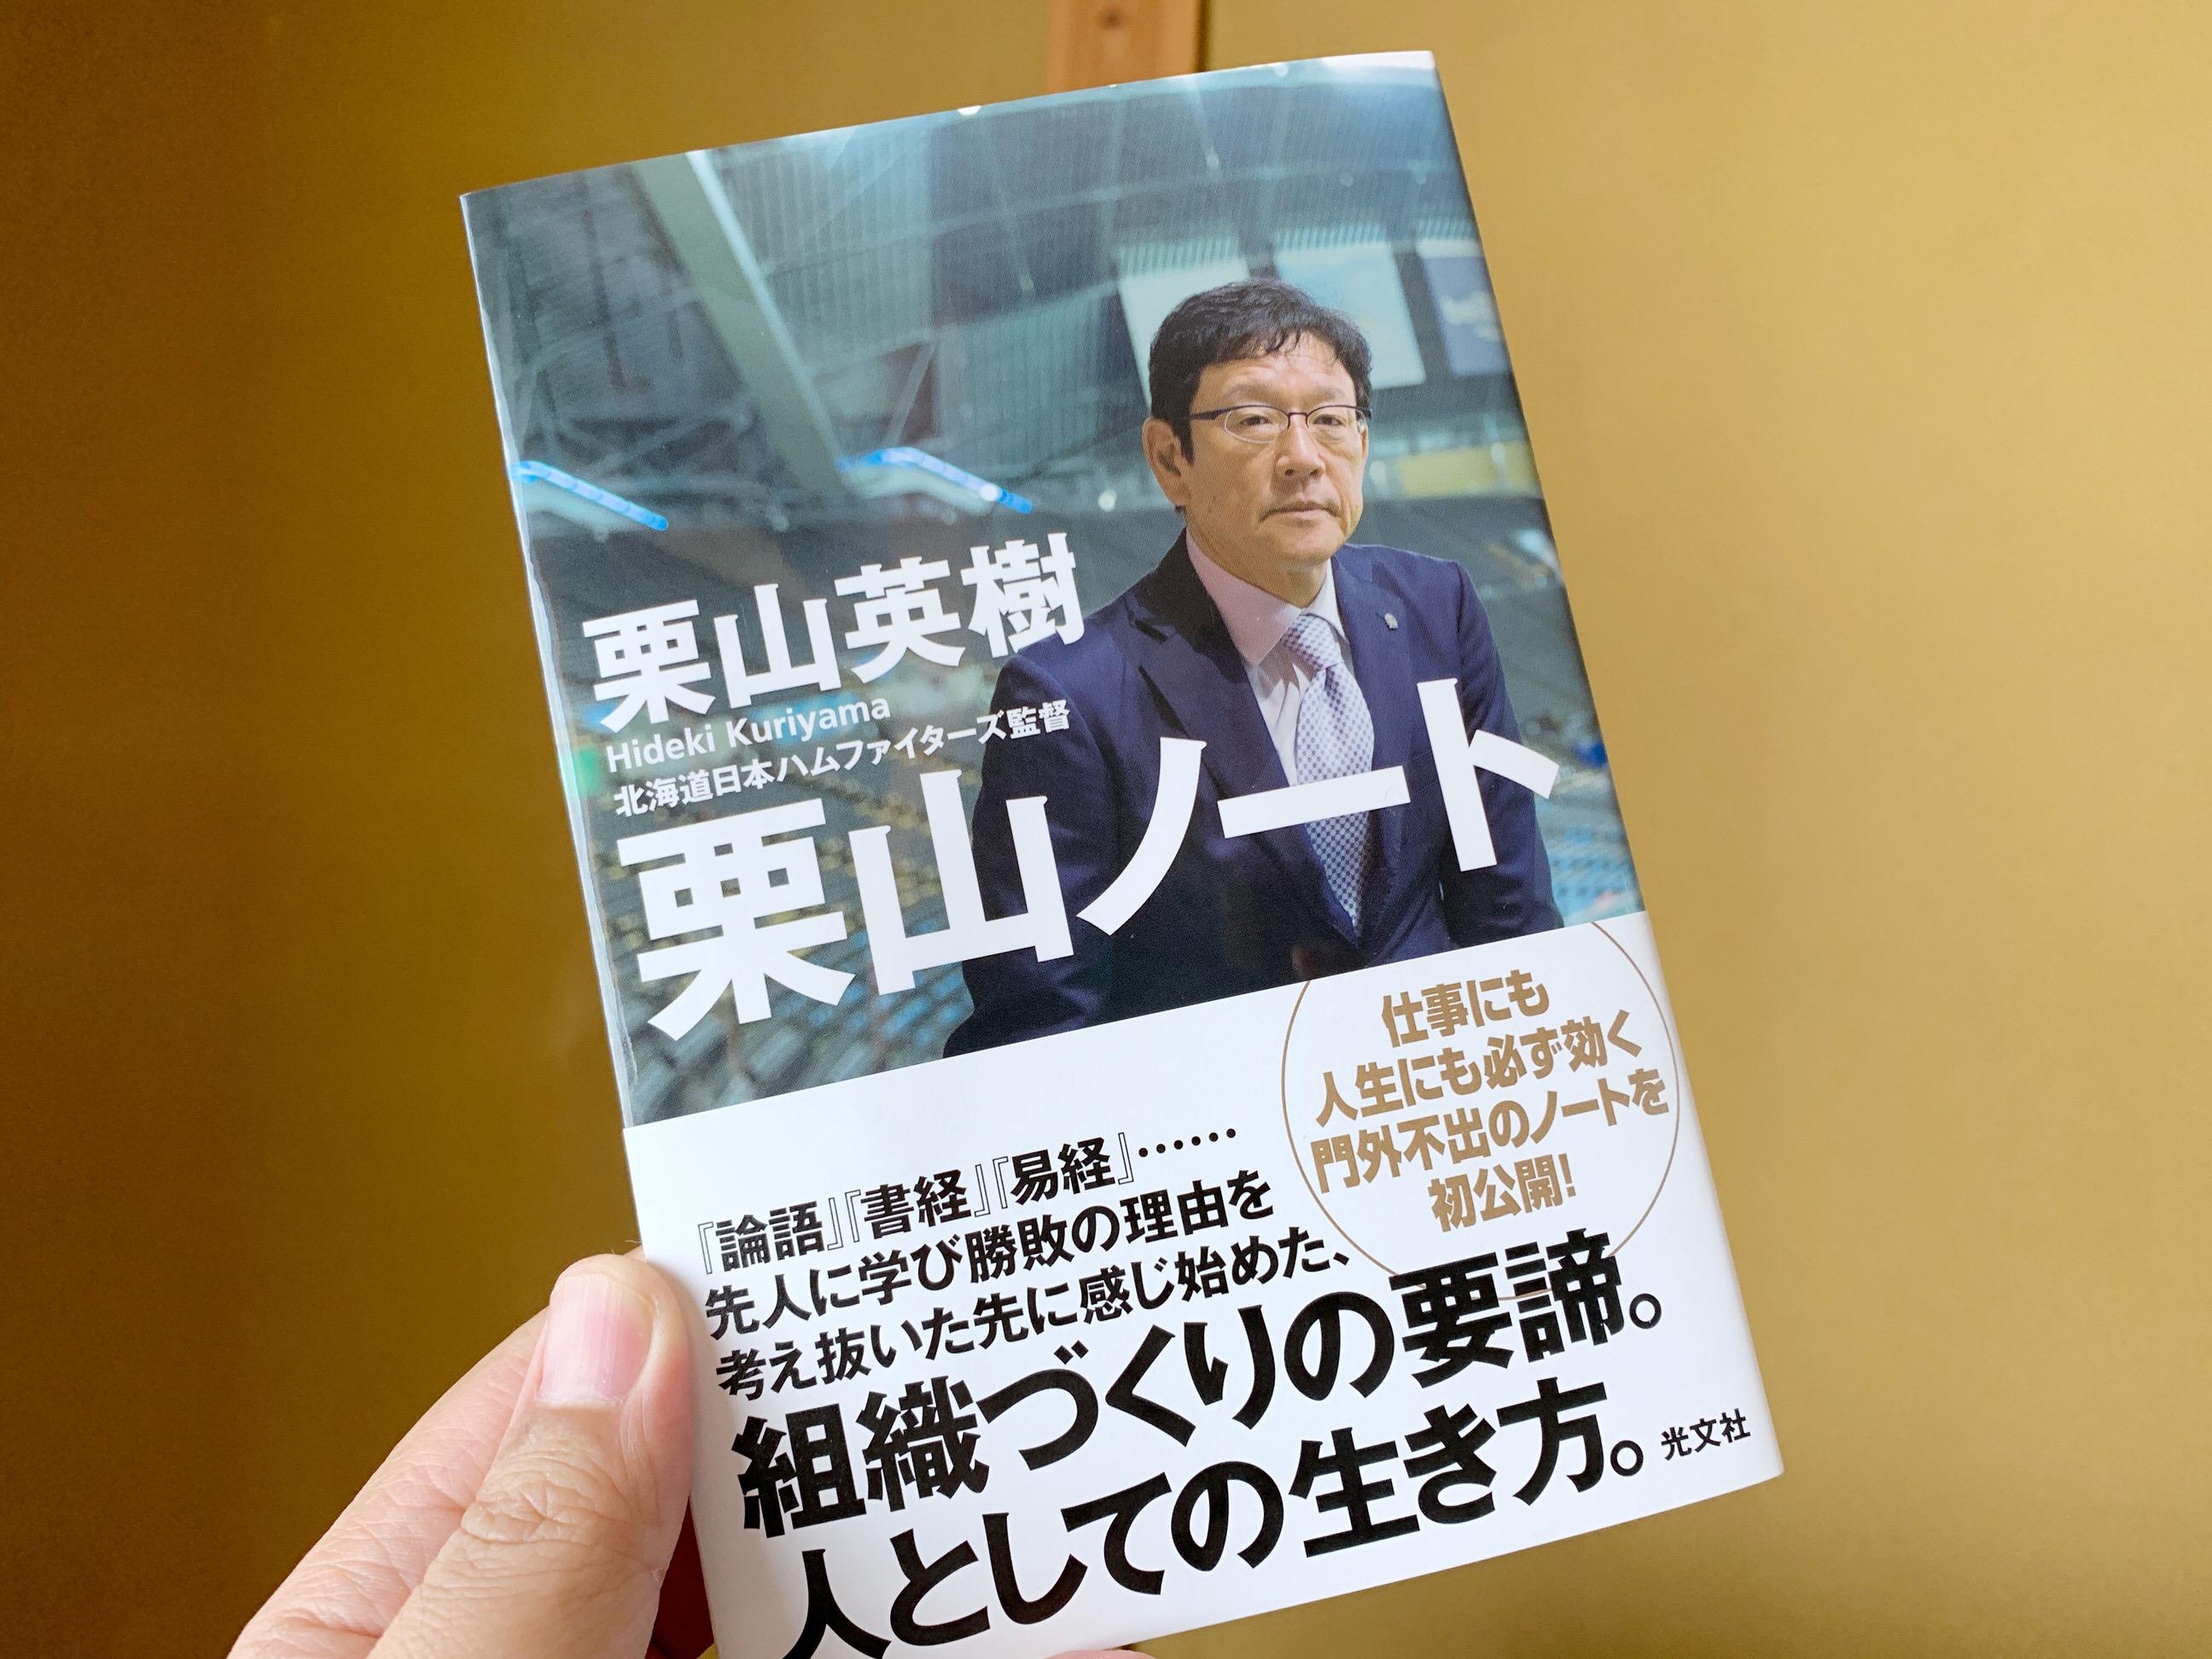 栗山ノート kuriyama note